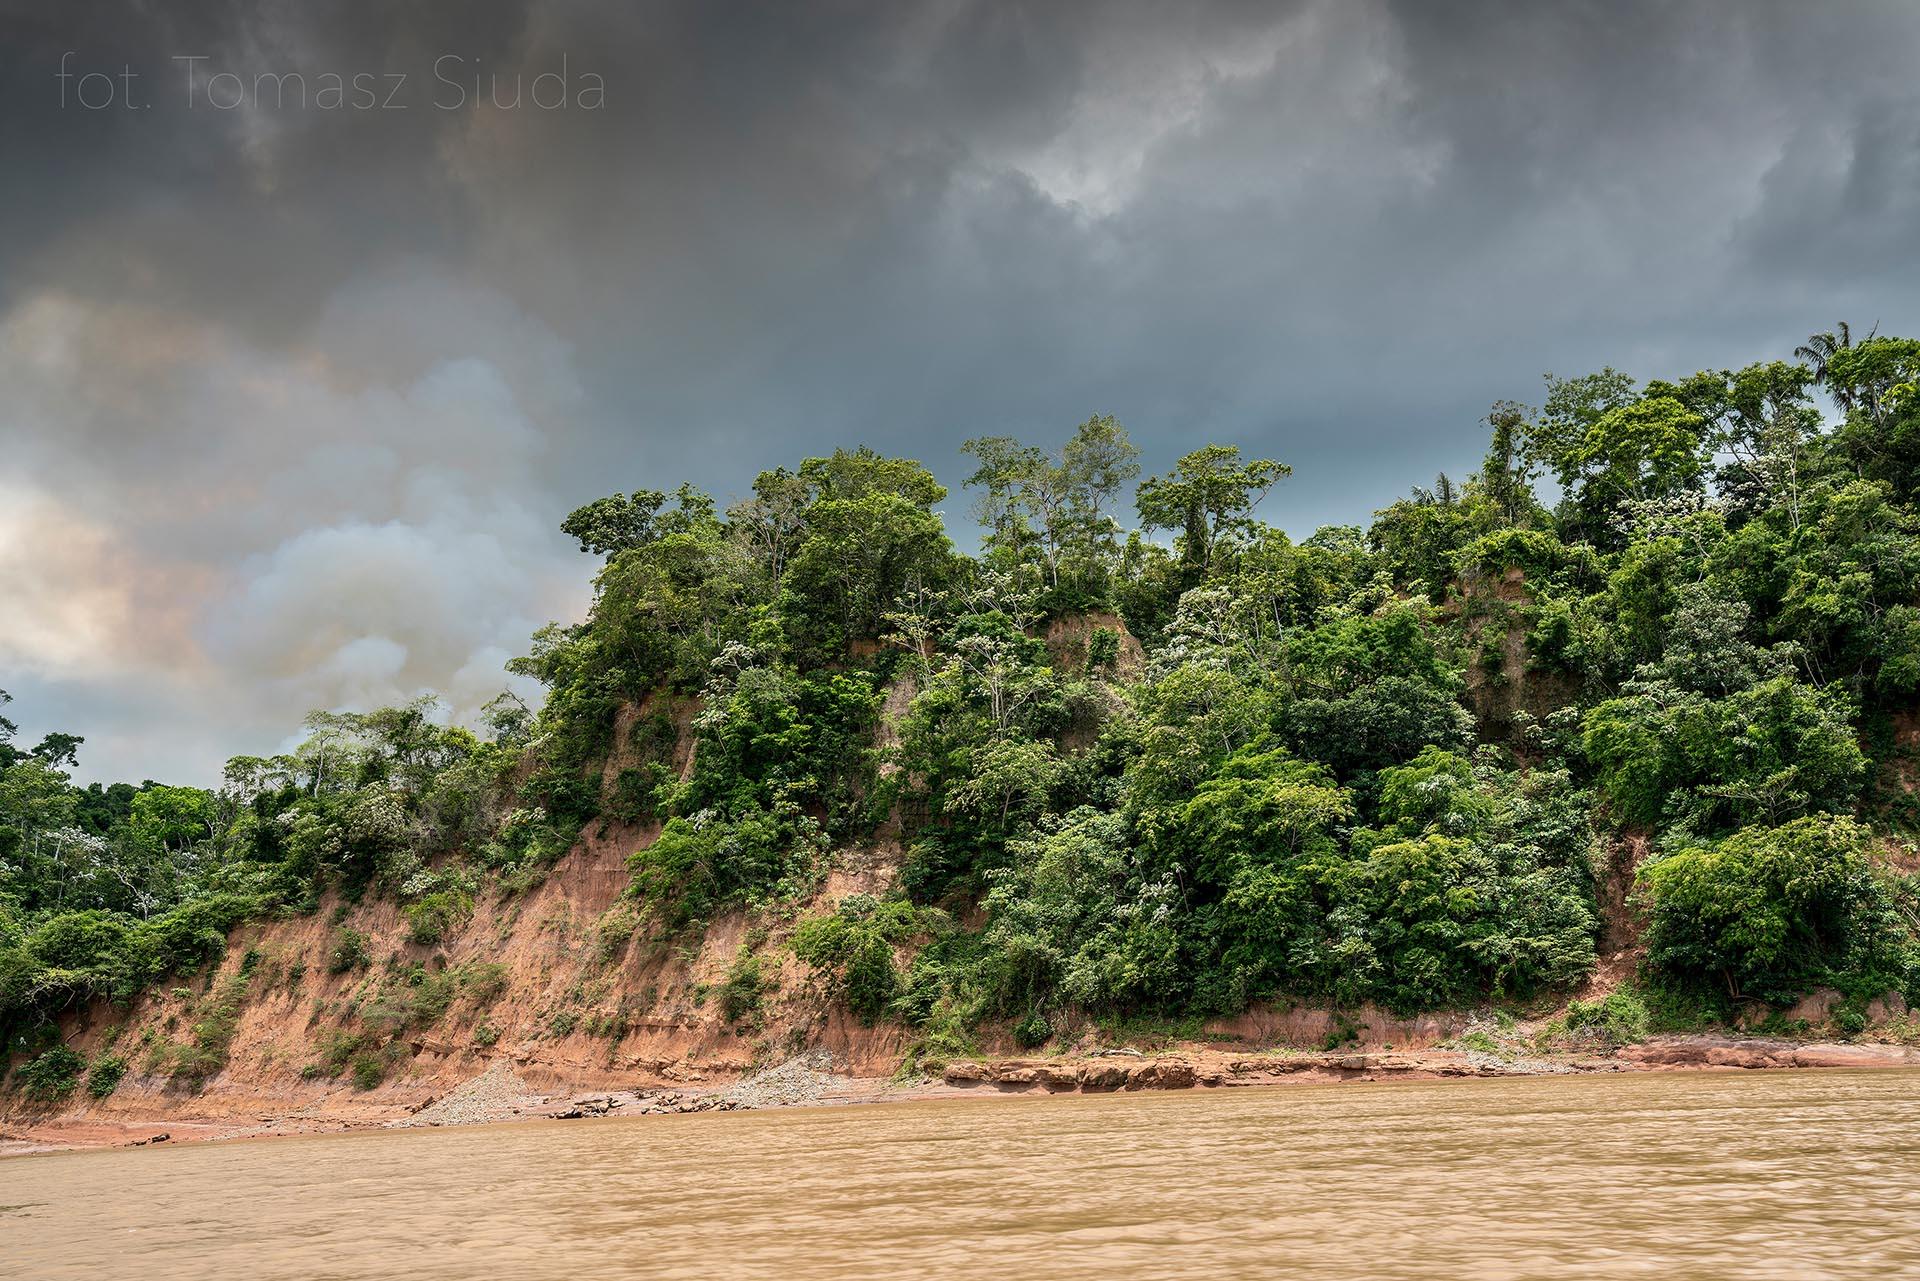 Zdjęcie Tomasza Siudy z Amazonii